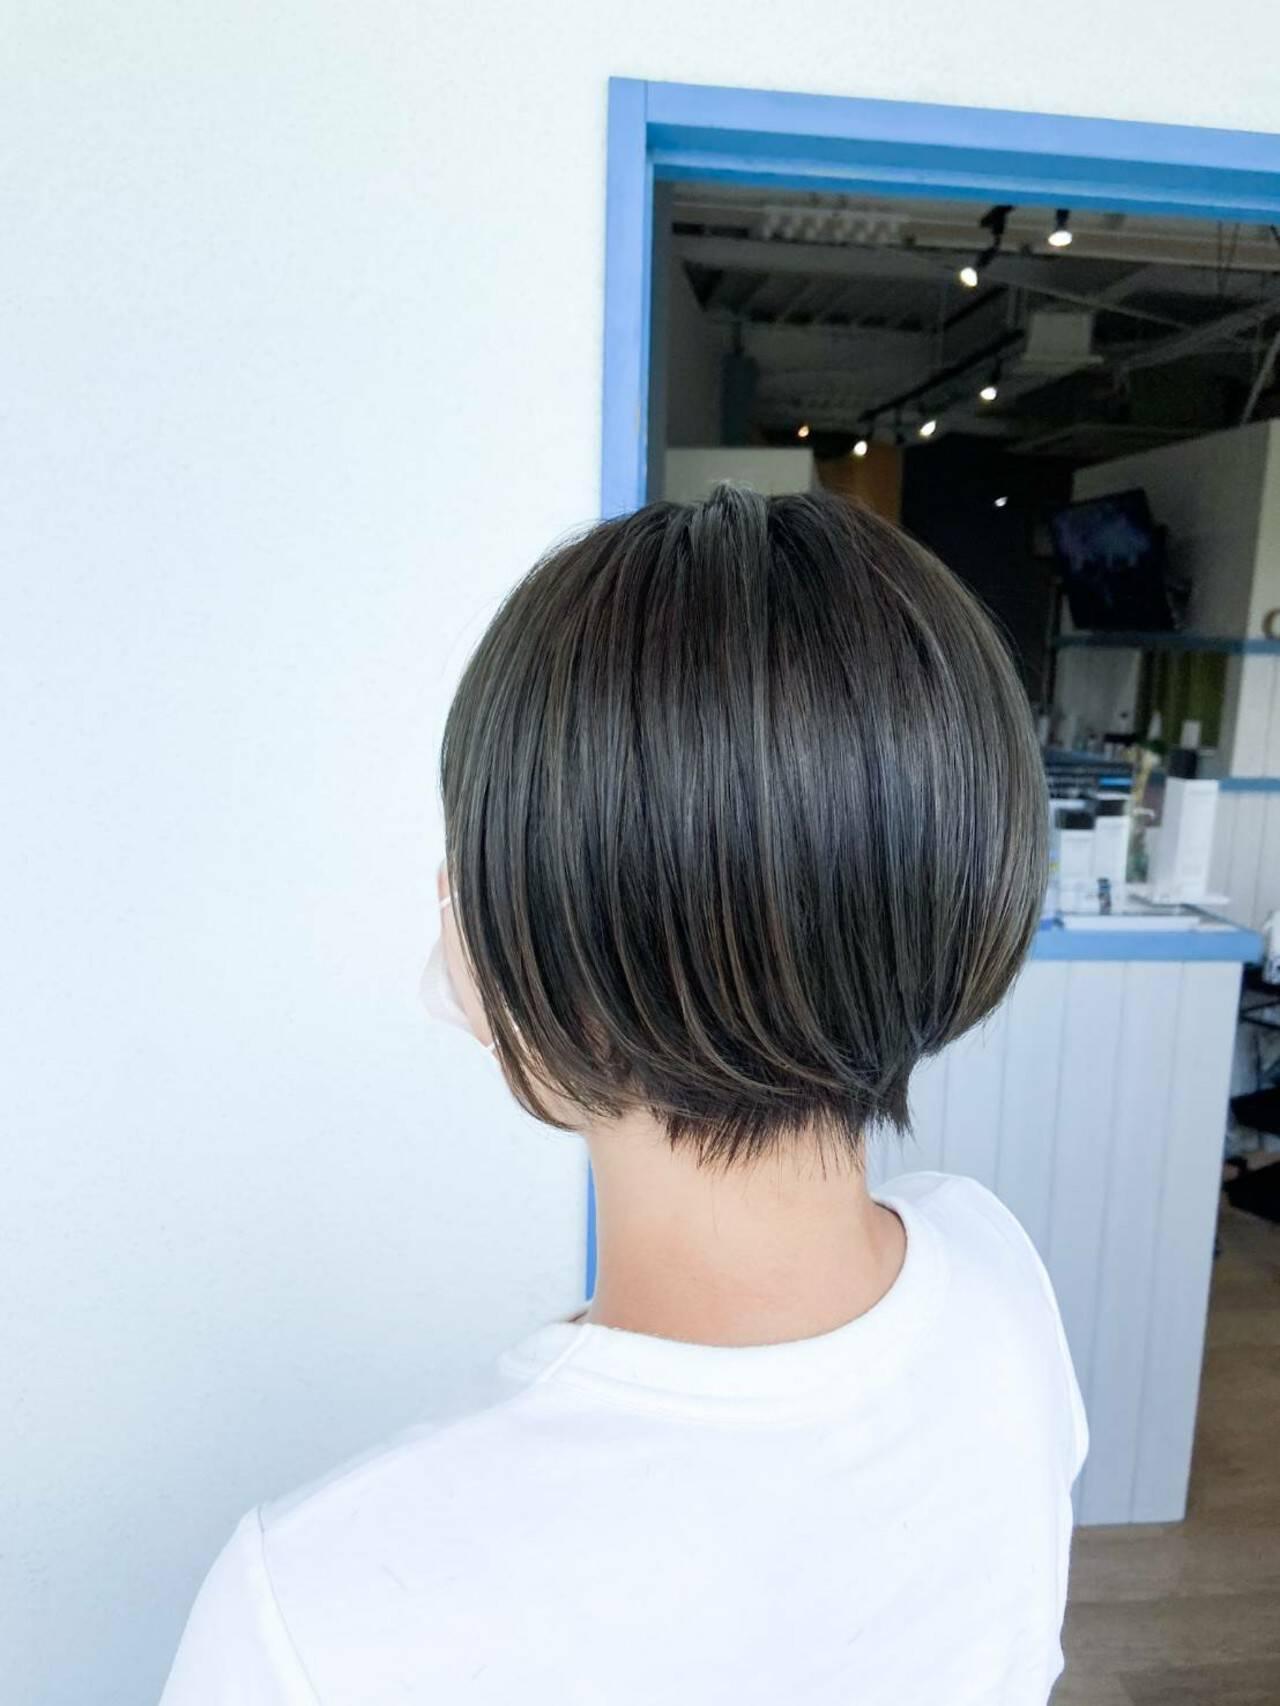 ベリーショート 透明感 ショートヘア コンサバヘアスタイルや髪型の写真・画像